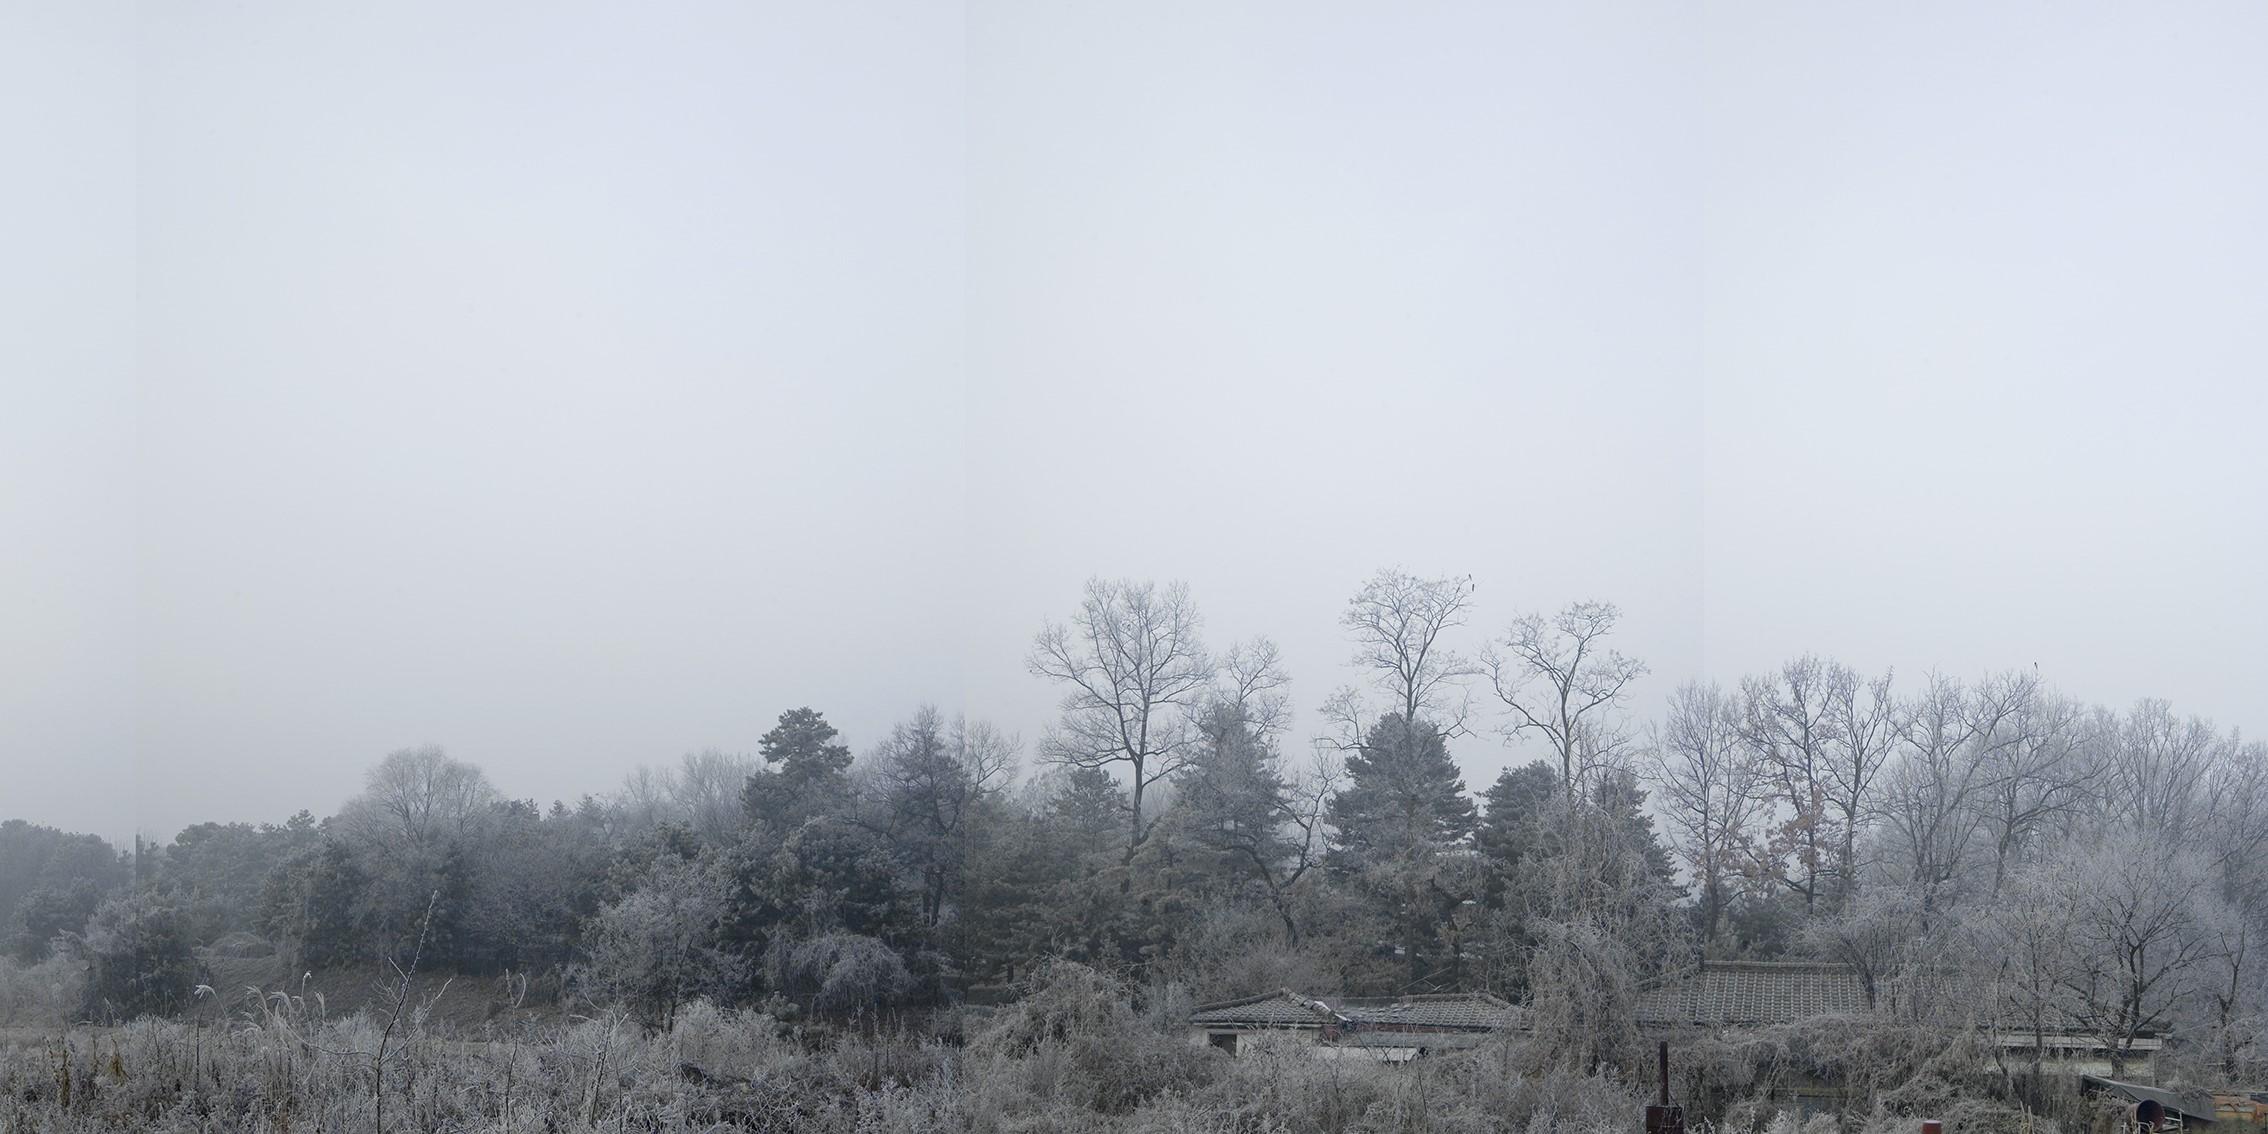 강홍구, 안개와 서리 19, 디지털 프린트, 98.3x178cm, 2008